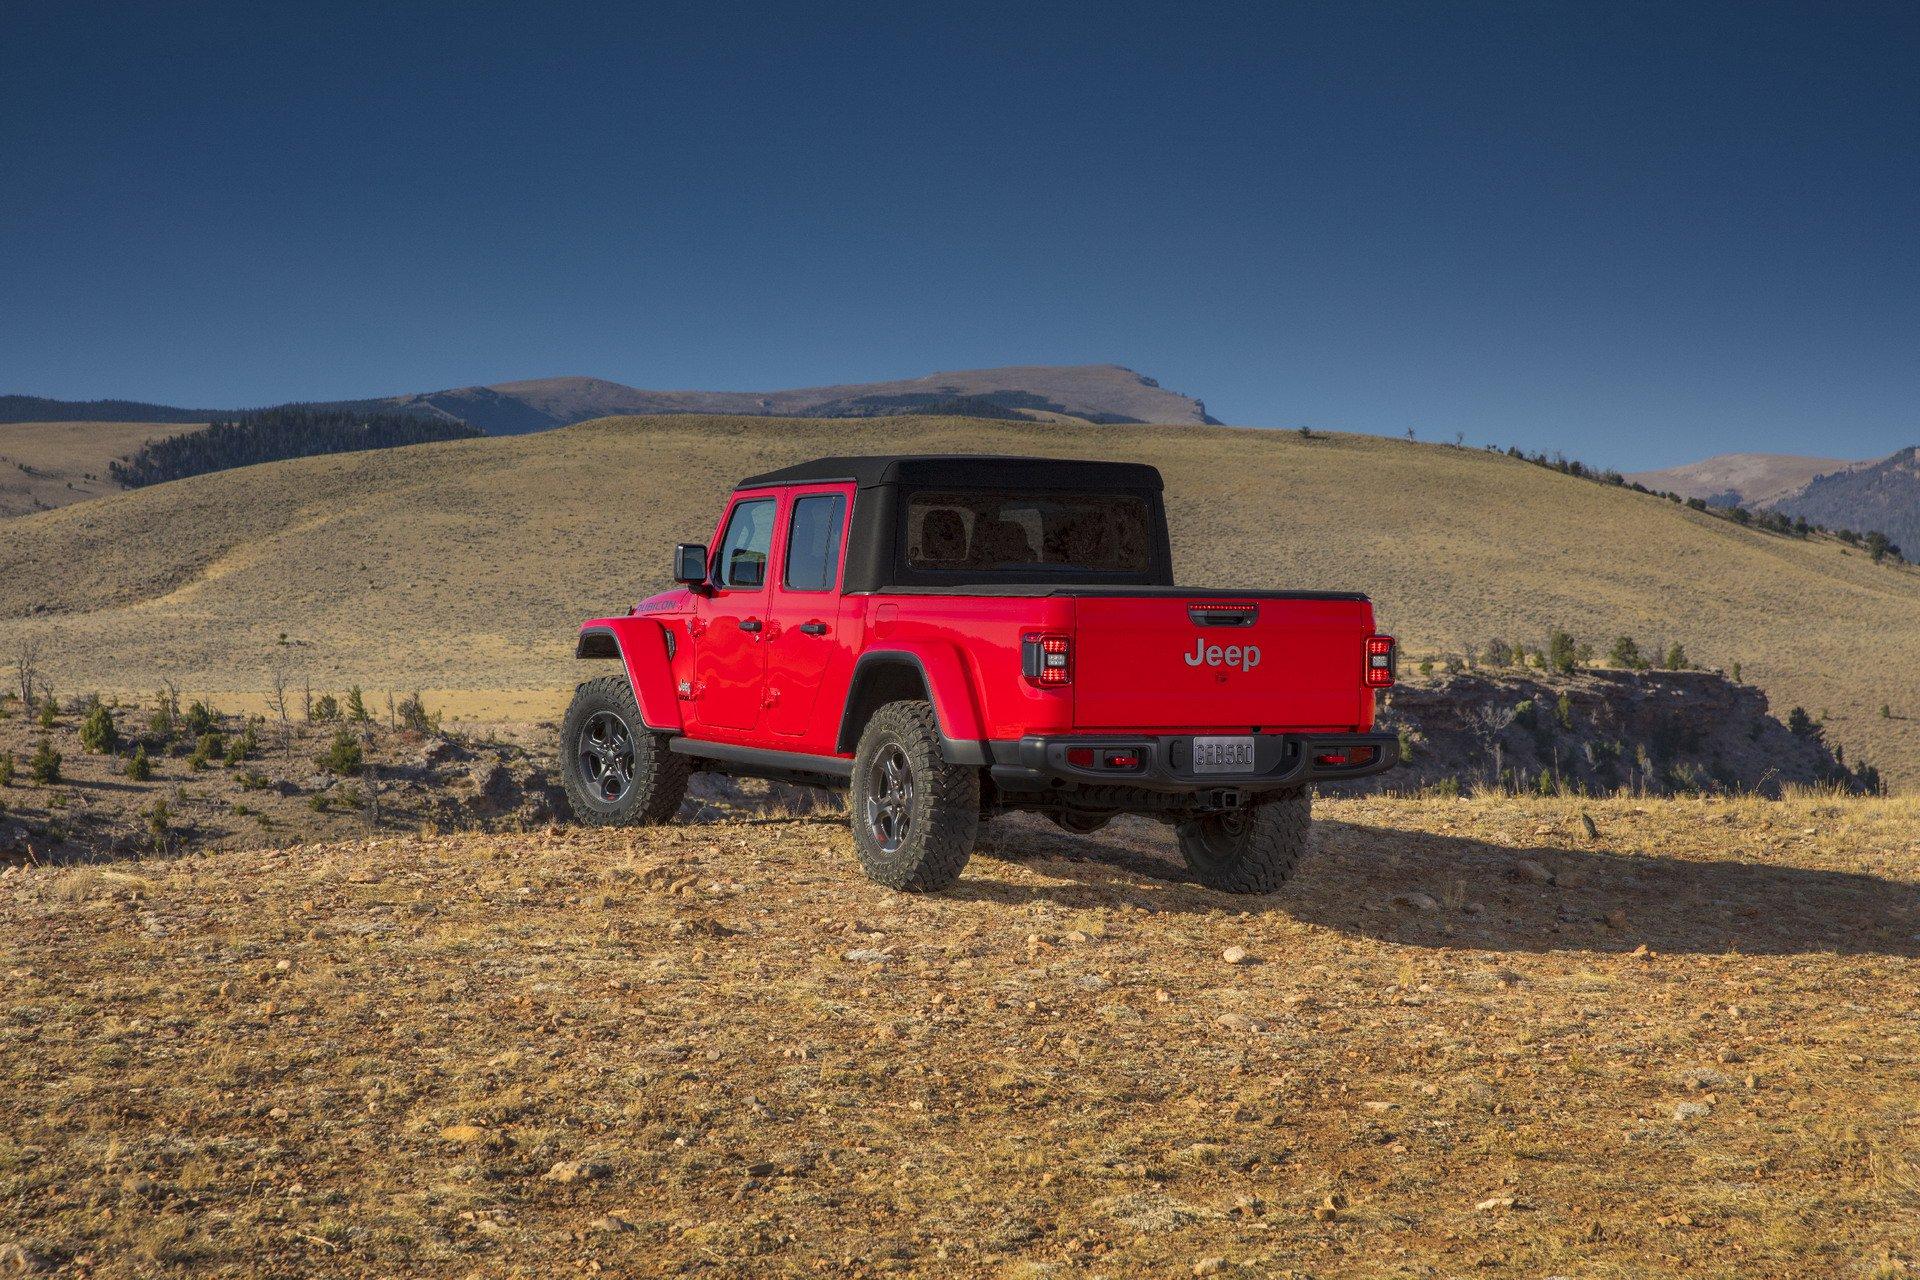 Επίσημο: Jeep Gladiator - Autoblog.gr